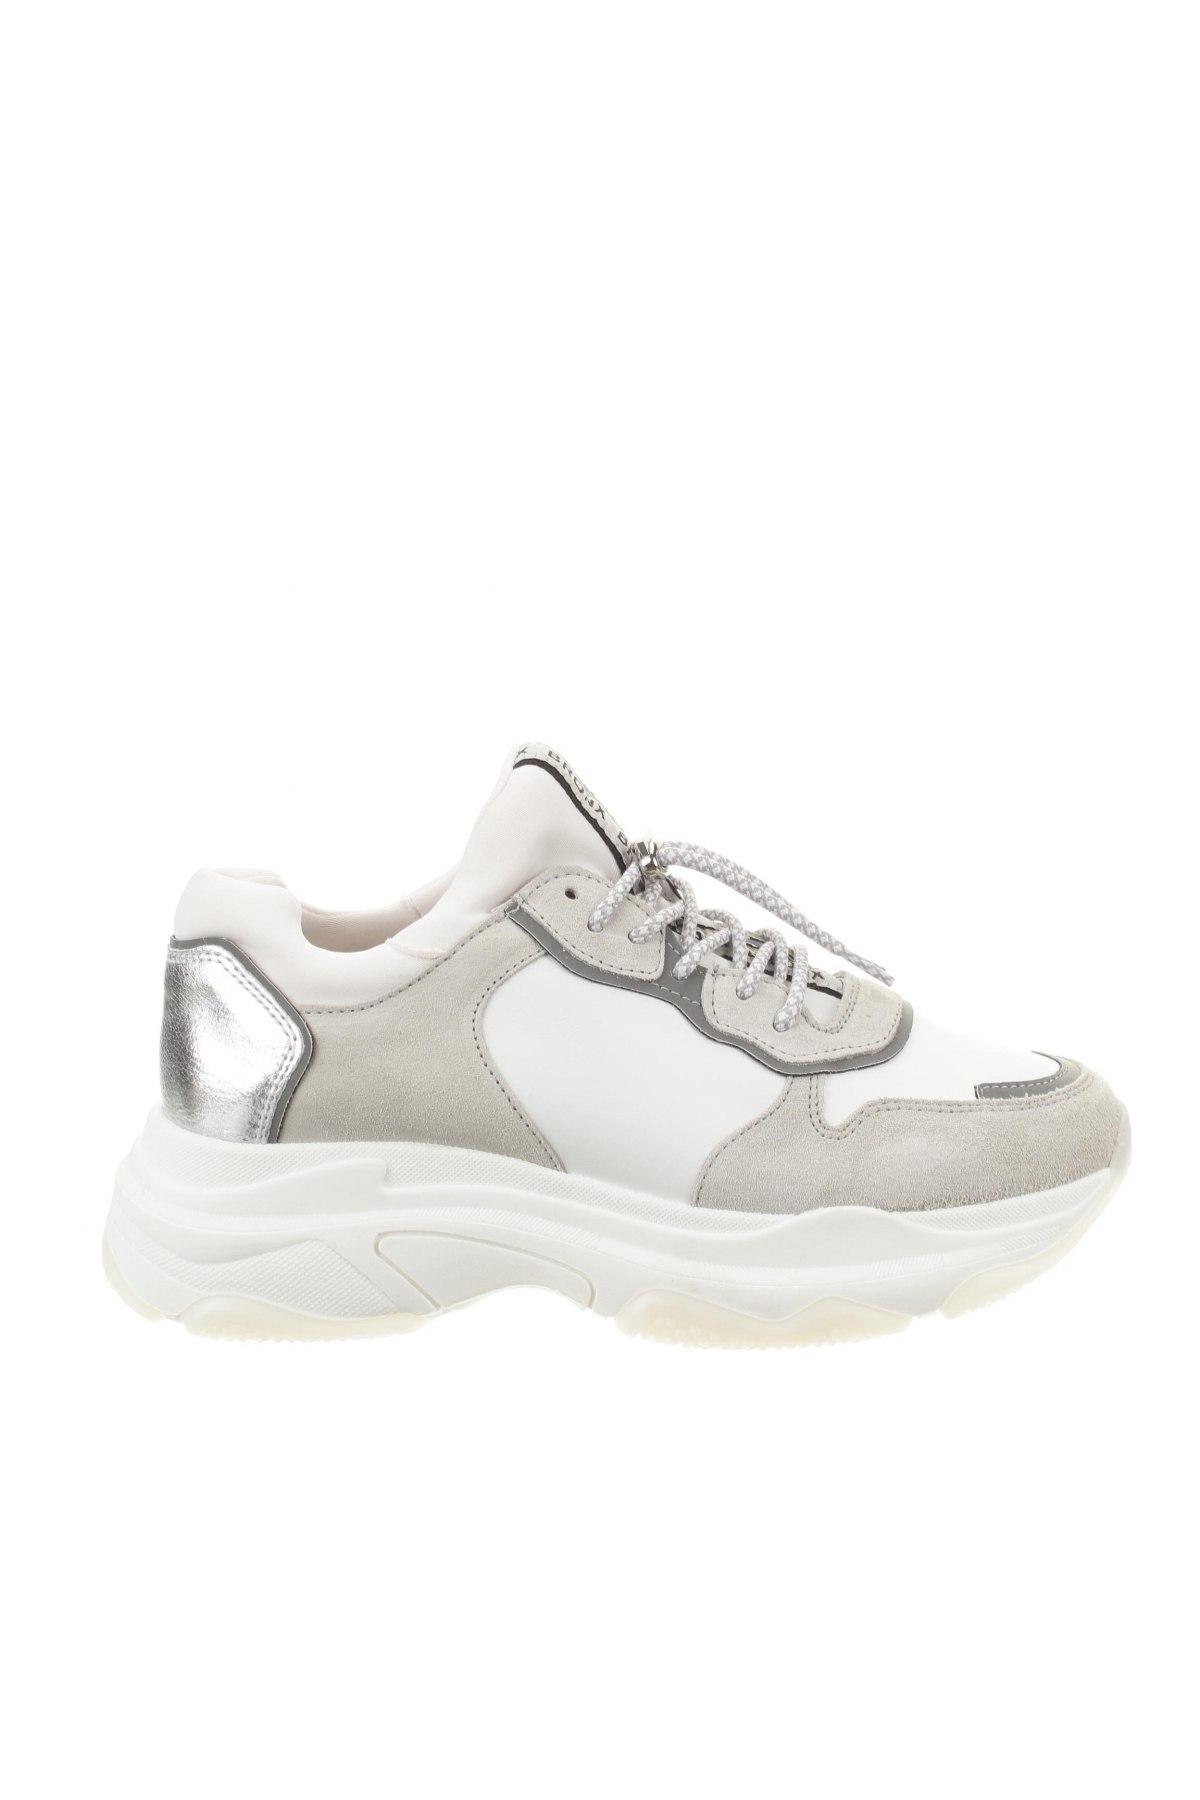 Női cipők Bronx kedvező áron Remixben #101830303